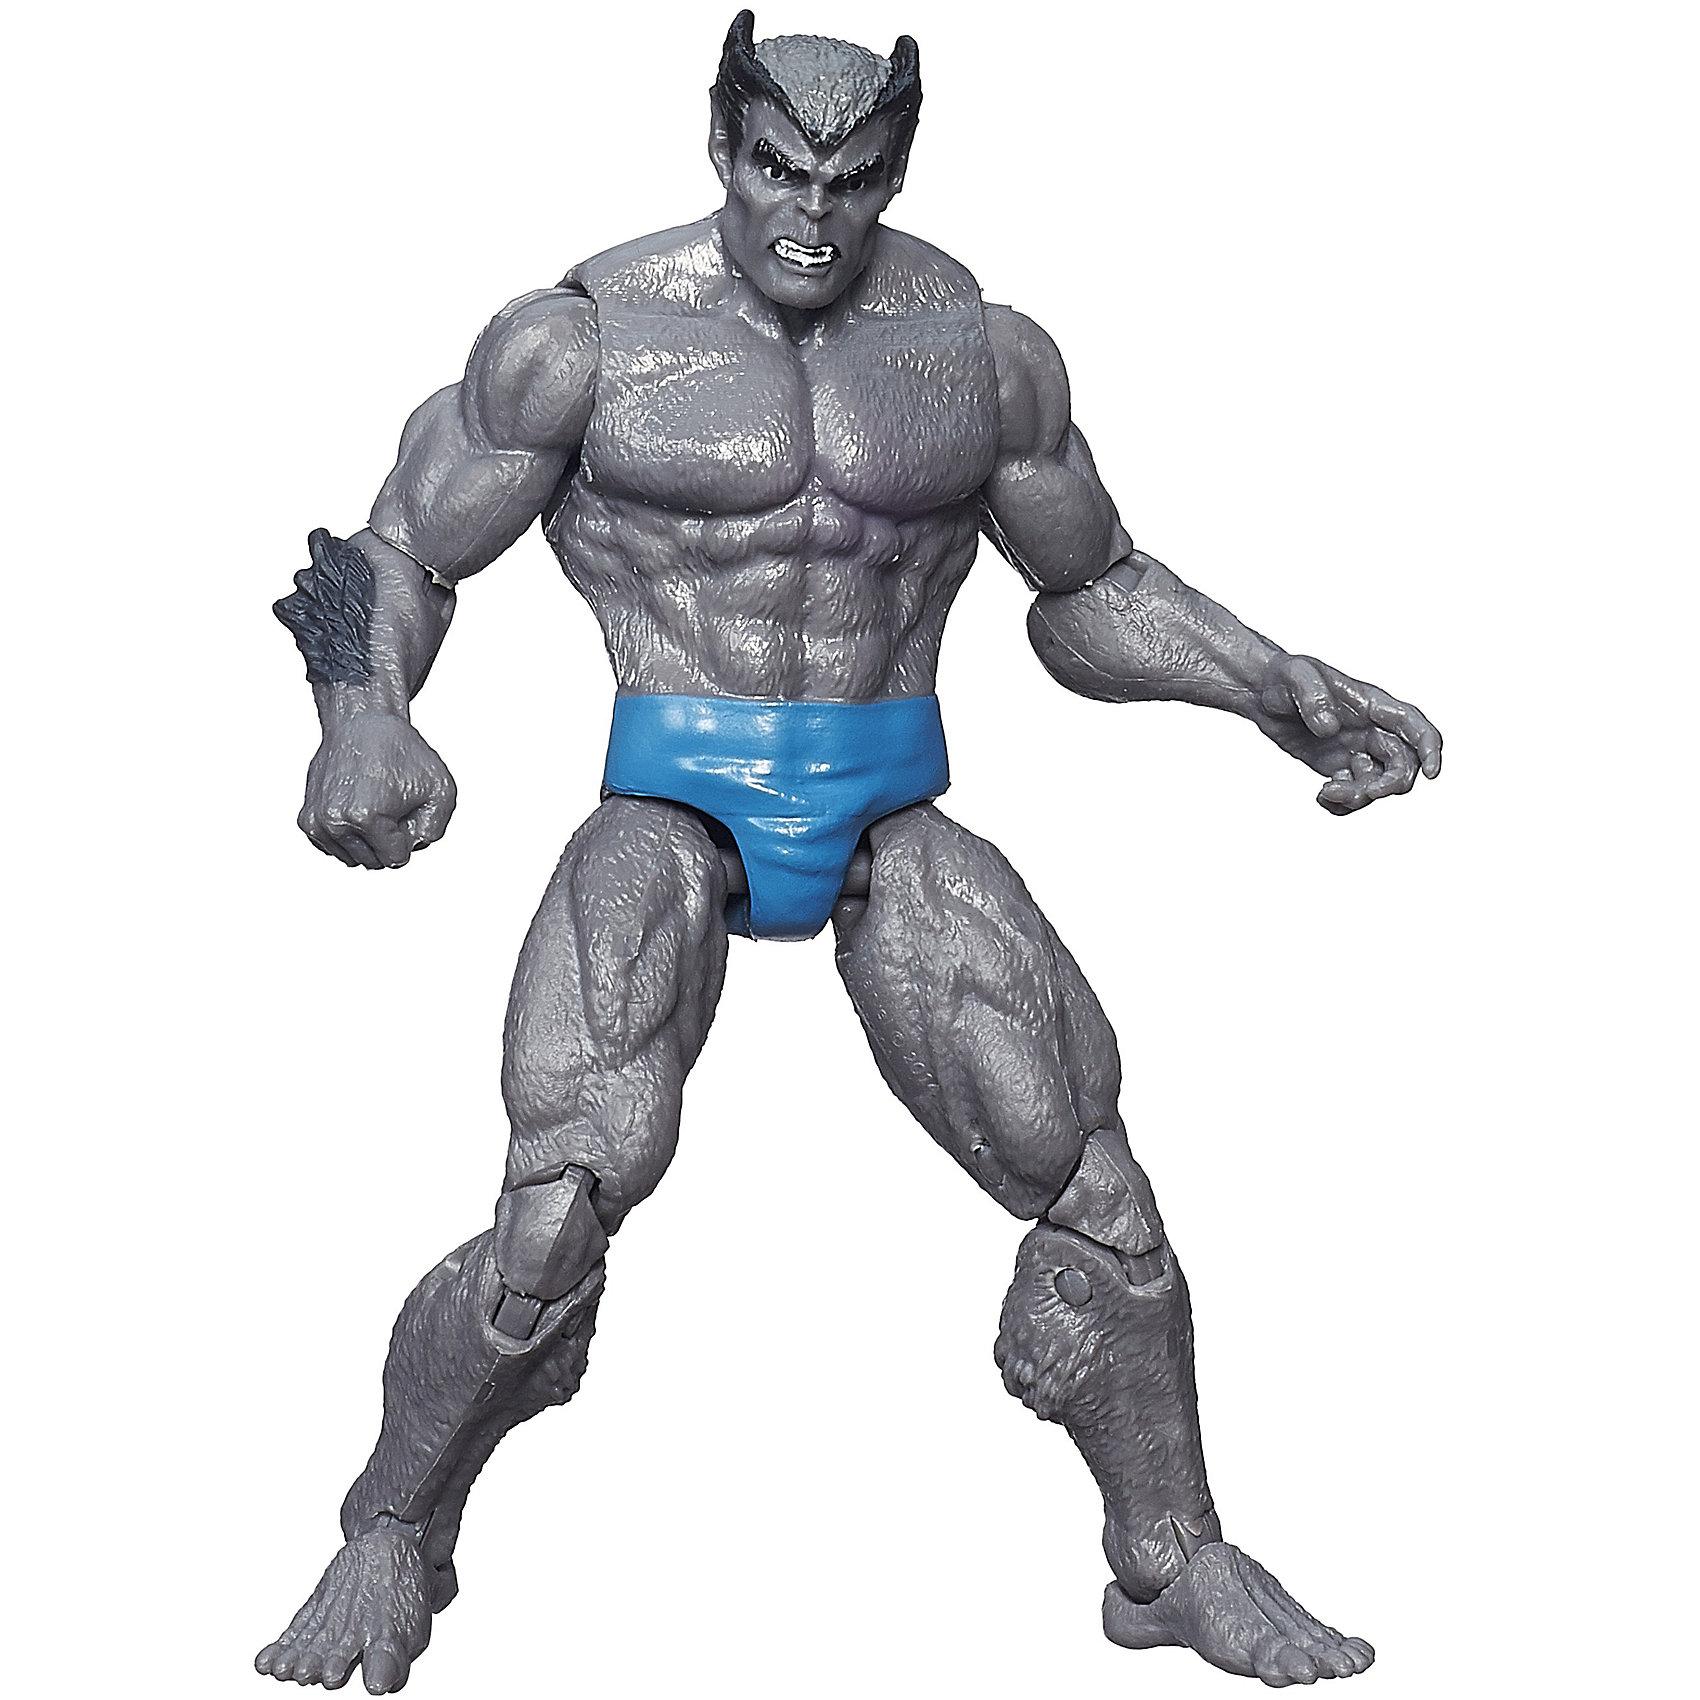 Коллекционная фигурка Marvel - Зверь, 9.5 смИгрушки<br>Характеристики коллекционной фигурки Марвел- Зверь:<br><br>- возраст: от 4 лет<br>- герой: супергерои<br>- пол: для мальчиков<br>- материал: пластик.<br>- размер упаковки: 12 * 4 * 23 см.<br>- размер игрушки: 9.5 см.<br>- упаковка: блистер на картоне.<br>- страна обладатель бренда: США.<br><br>Очень качественно сделанная коллекционная фигурка, изображающая давнего врага Человека-Паука по имени Вультур, станет как отличным пополнением коллекции героев комиксов Марвел, так и детской игрушкой. Вультур изобрел себе костюм, позволяющий ему летать, что делает его серьезным противником. Фигурка сделана из качественного пластика, все суставы подвижны. <br><br>Коллекционную фигурку Марвел- Зверь можно купить в нашем интернет-магазине.<br><br>Ширина мм: 51<br>Глубина мм: 121<br>Высота мм: 229<br>Вес г: 150<br>Возраст от месяцев: 48<br>Возраст до месяцев: 144<br>Пол: Мужской<br>Возраст: Детский<br>SKU: 4175037